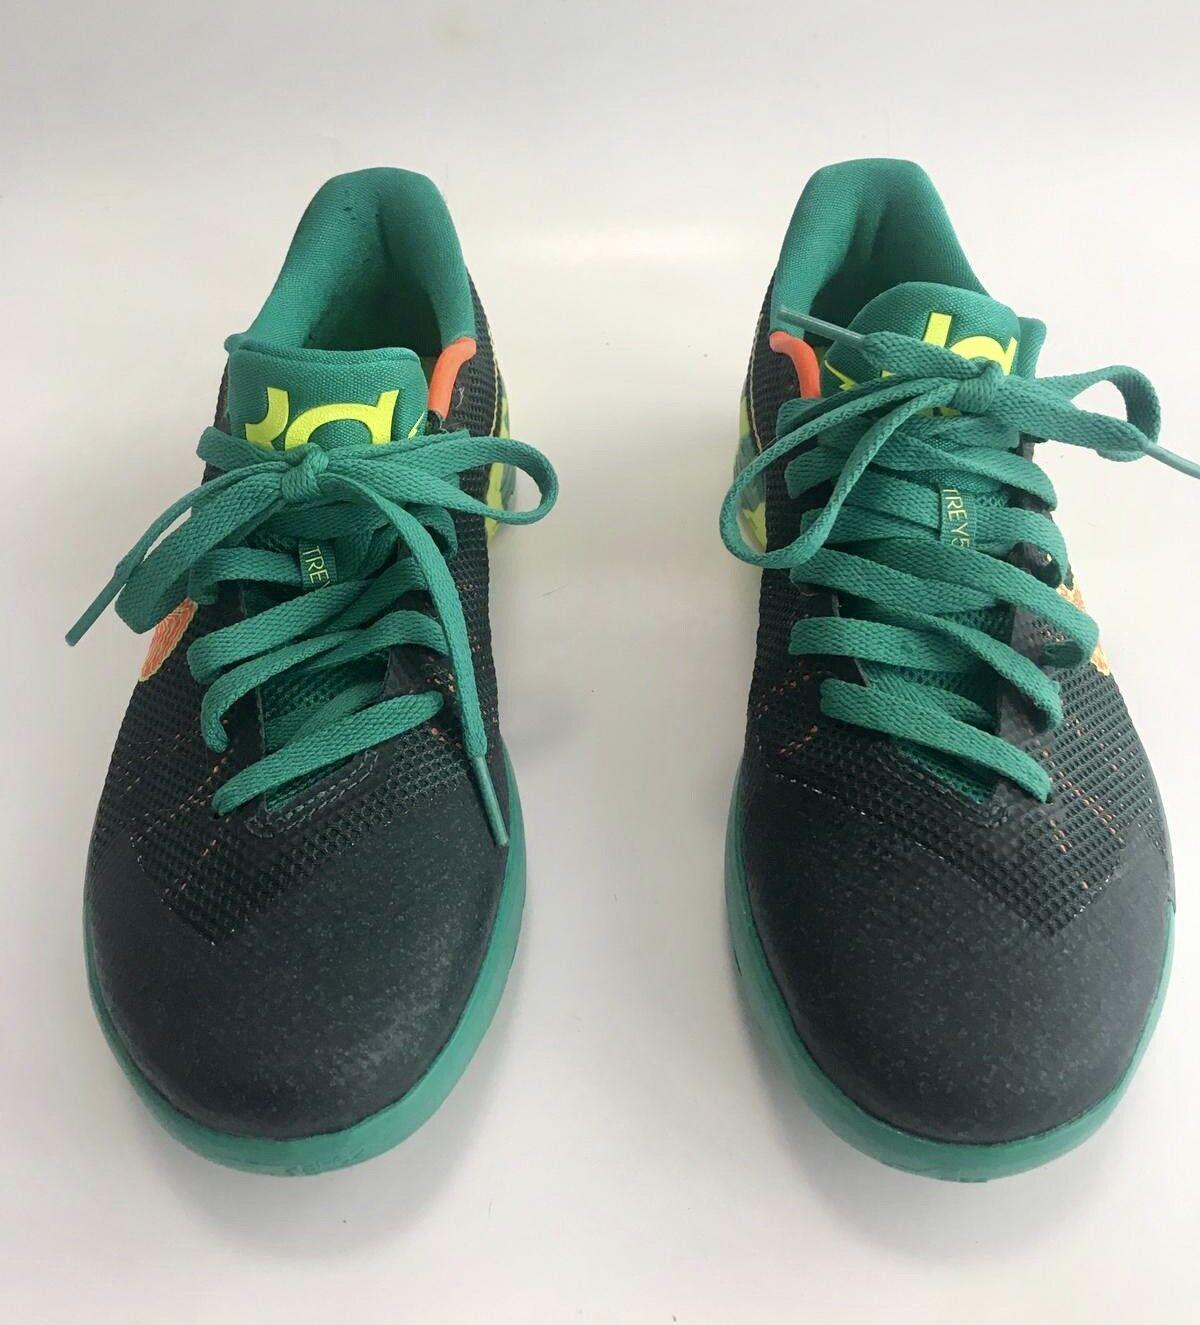 Nike kd kevin durant trey 5 ii verde | Re della quantità  | Gentiluomo/Signora Scarpa